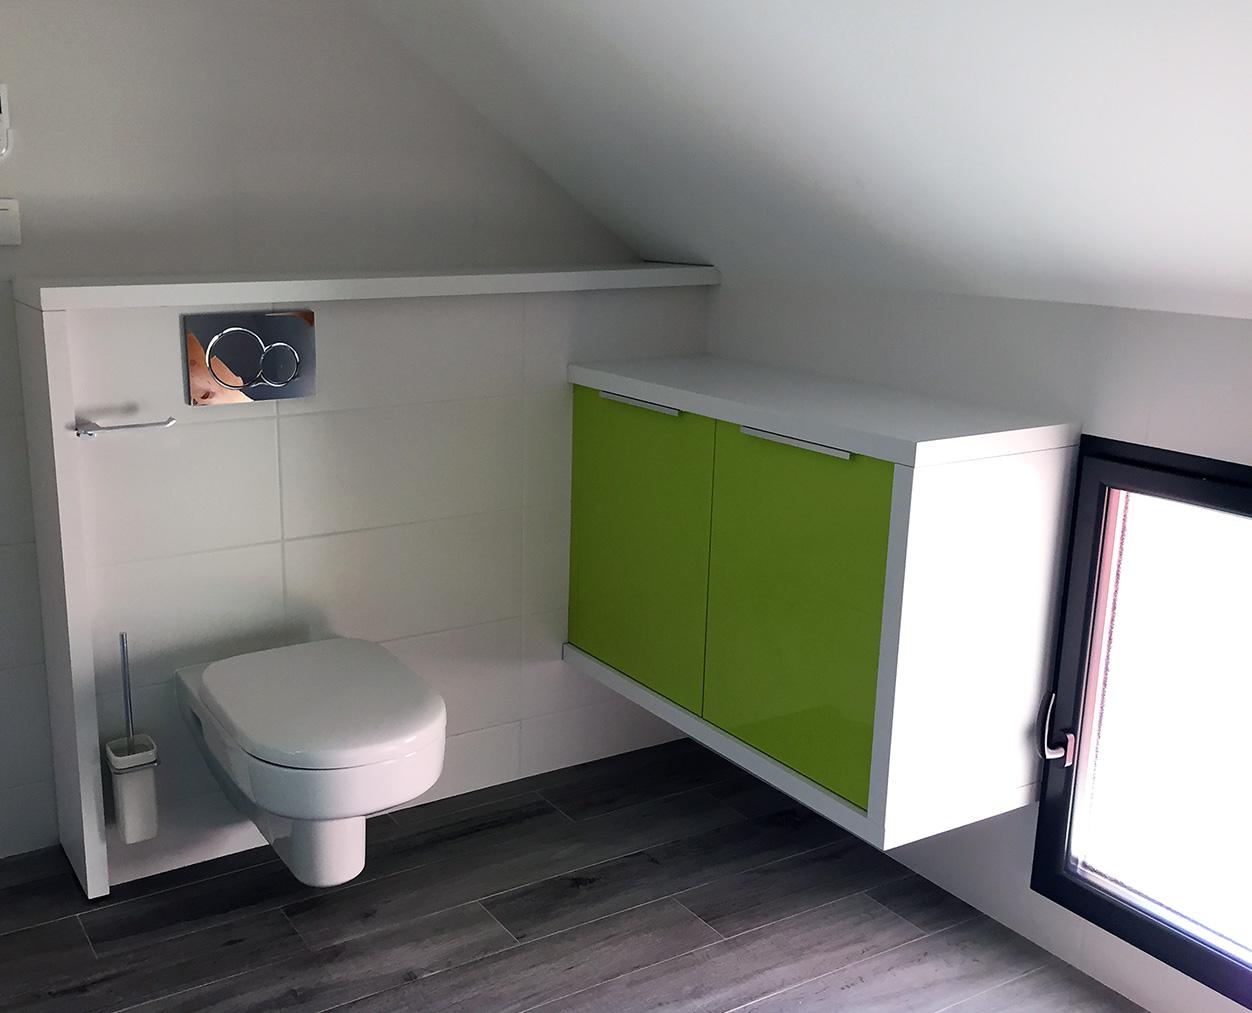 Toilettes dans les combles aménagés